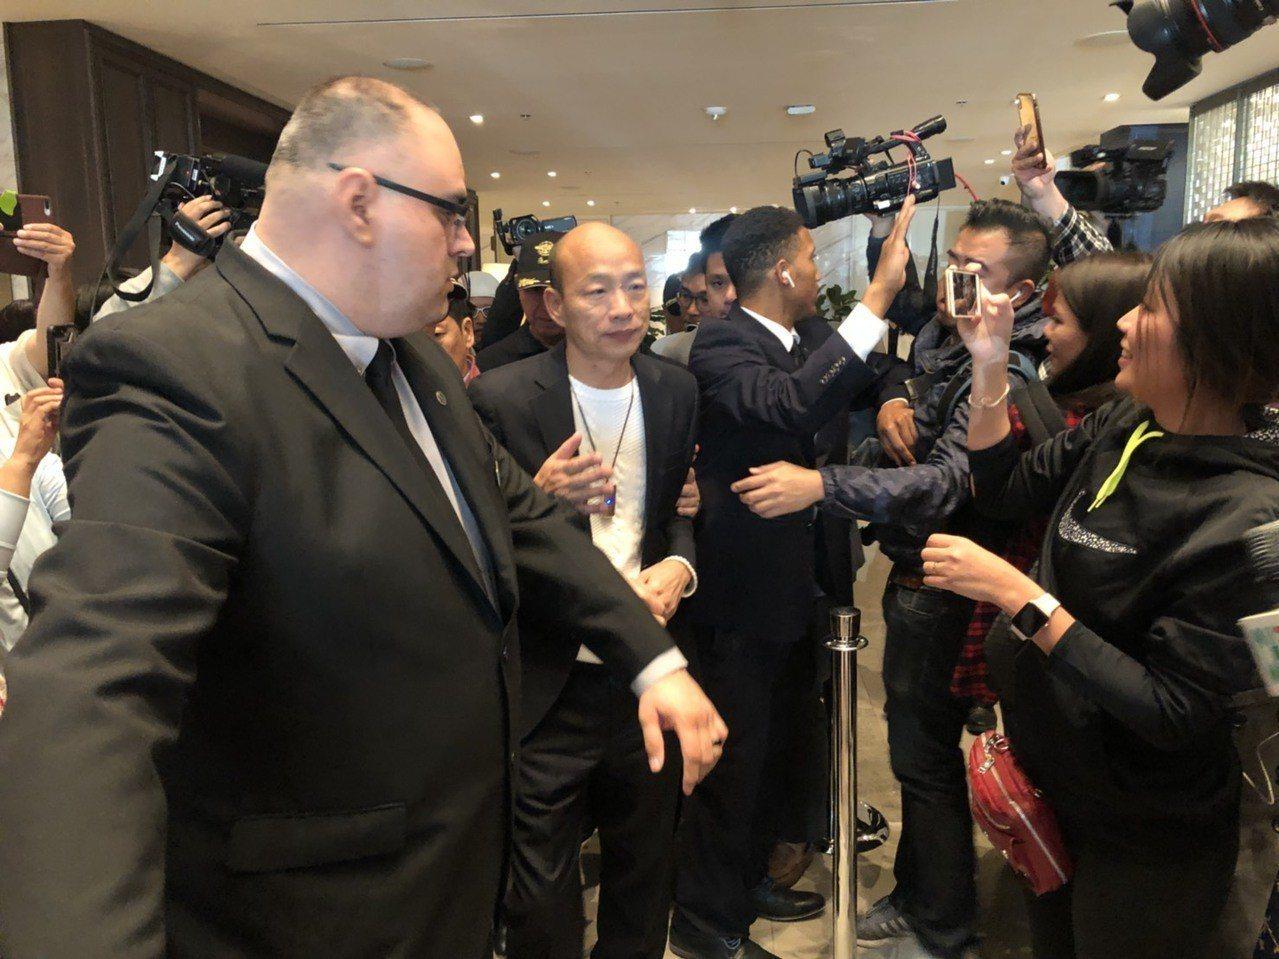 高雄市長韓國瑜訪美行程馬不停蹄,美西時間12日晚間6時許抵達下榻的洛杉磯喜來登飯...